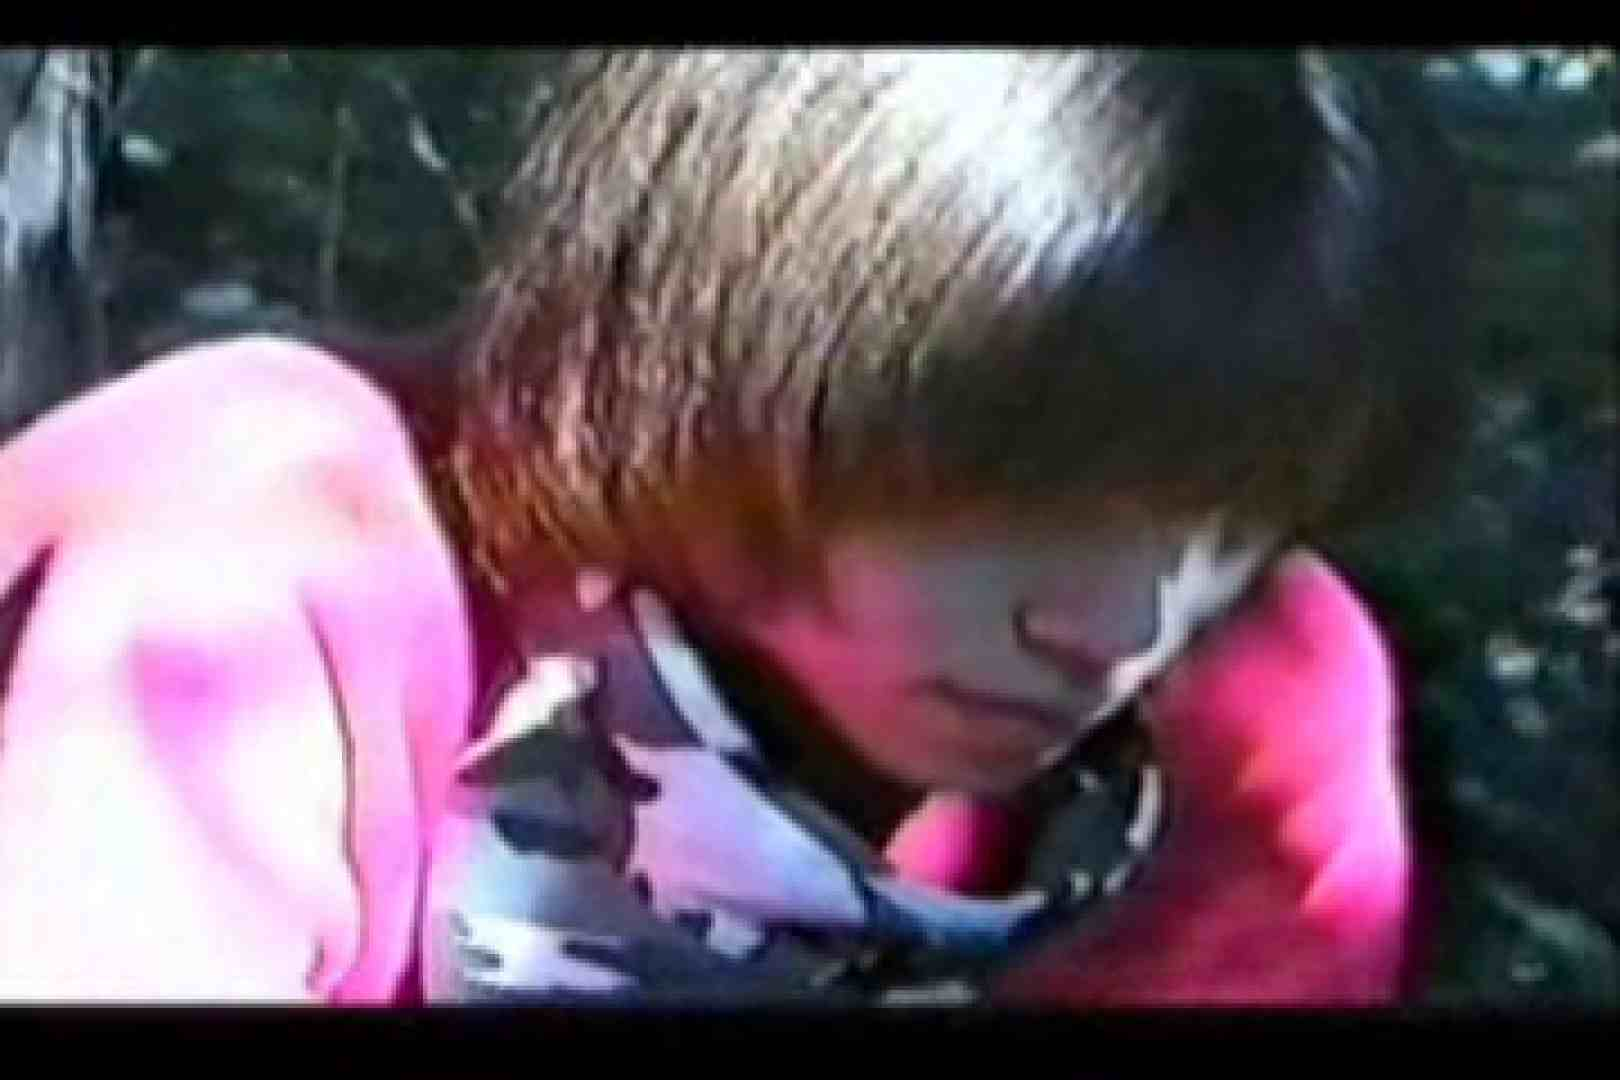 オールドゲイシリーズ  美少年ひかるのオープンファック イケメン  106pic 44